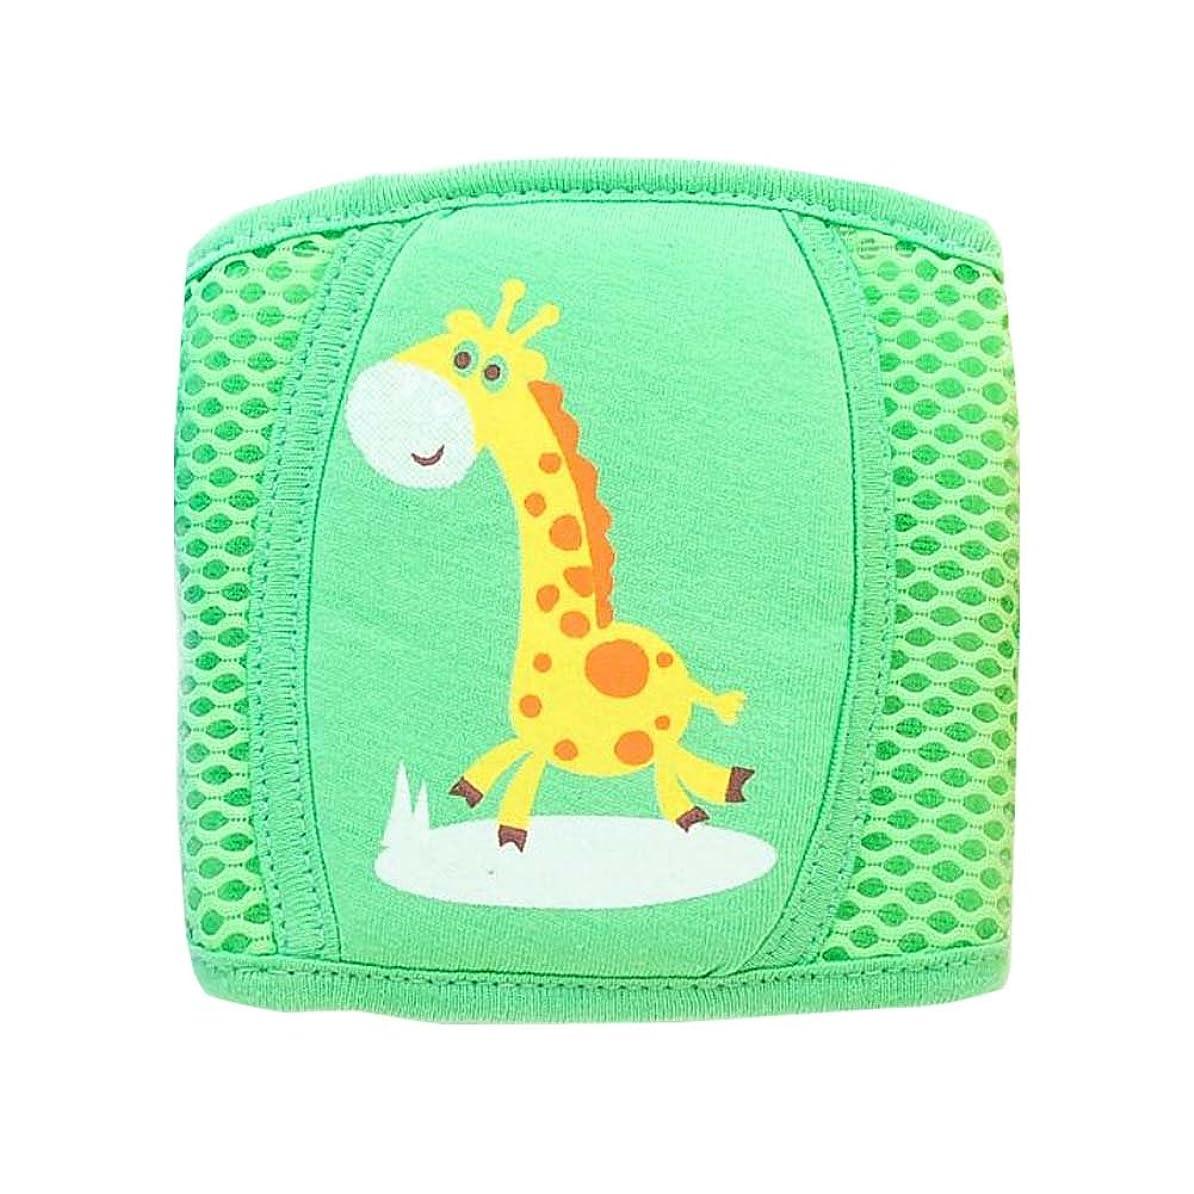 レモンエゴイズム期待幼児ウォーキング膝パッドアンチフォールアジャスタブル保護パッド(グリーン)